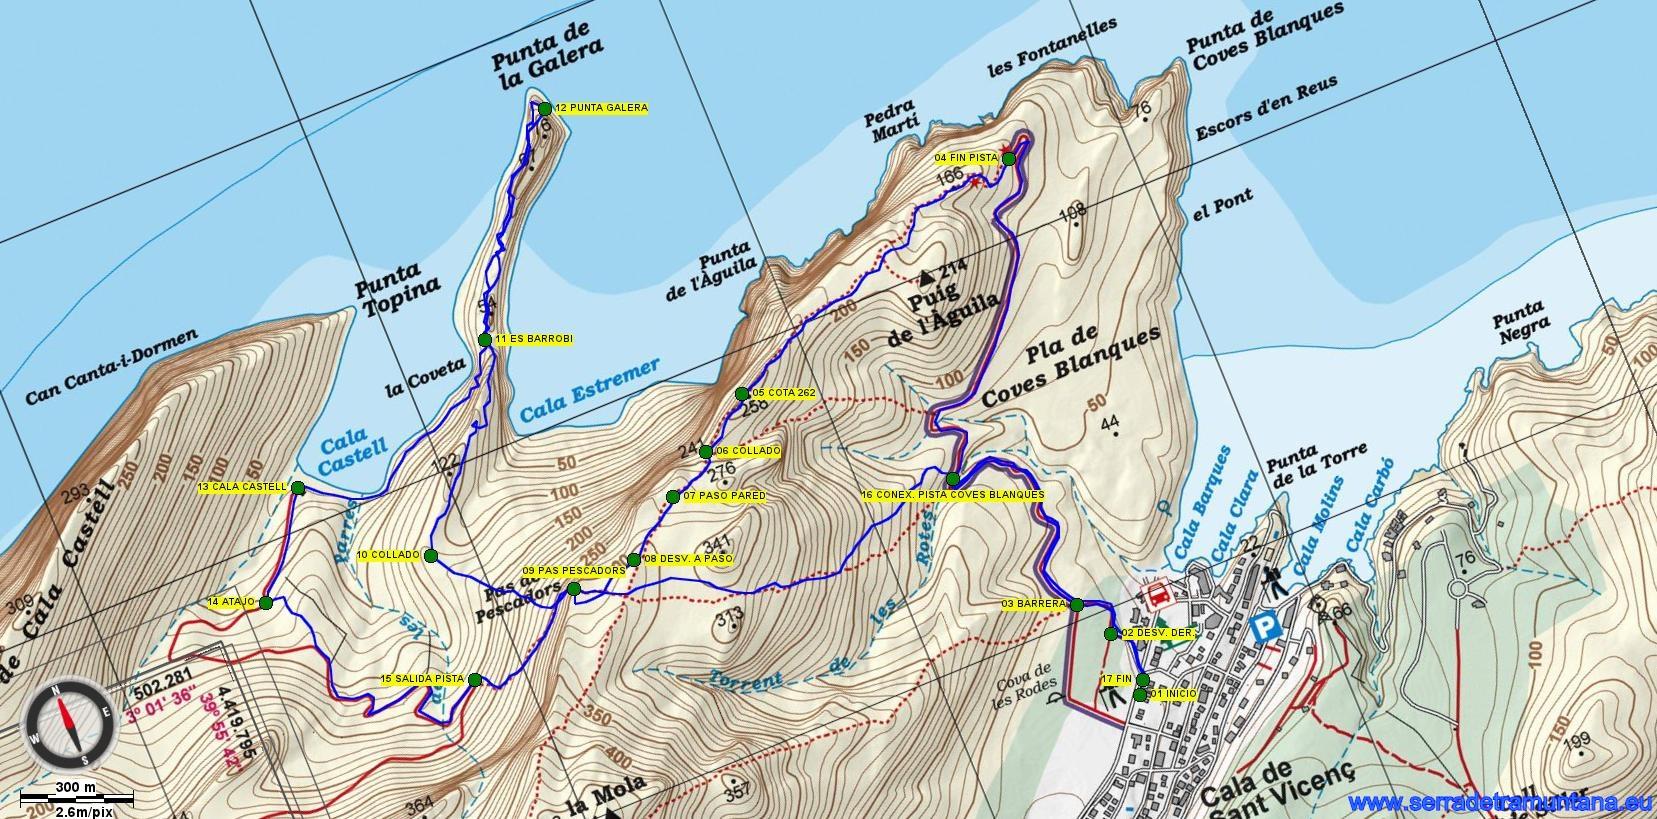 Recorte del mapa de Alpina de Caps del Nortd de Mallorca (Formentor-Pinar-Ferrutx) con la ruta realizada y los puntos de  paso más importantes.